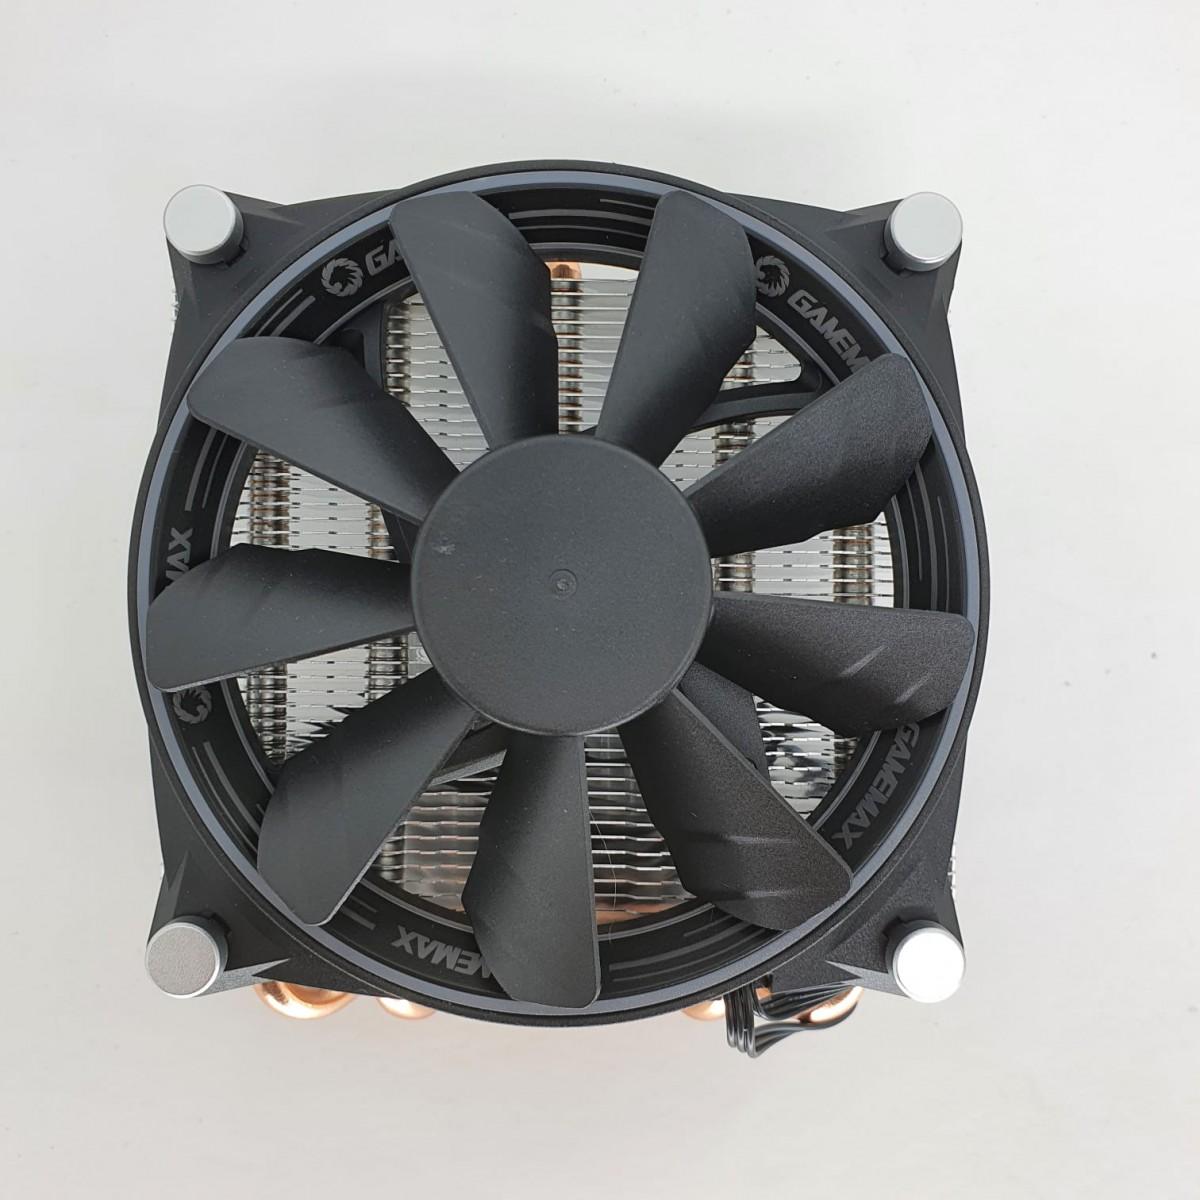 Cooler para Processador Gamemax Gamma 300, 120mm Intel-AMD, GMX Gamma 300 - Open Box